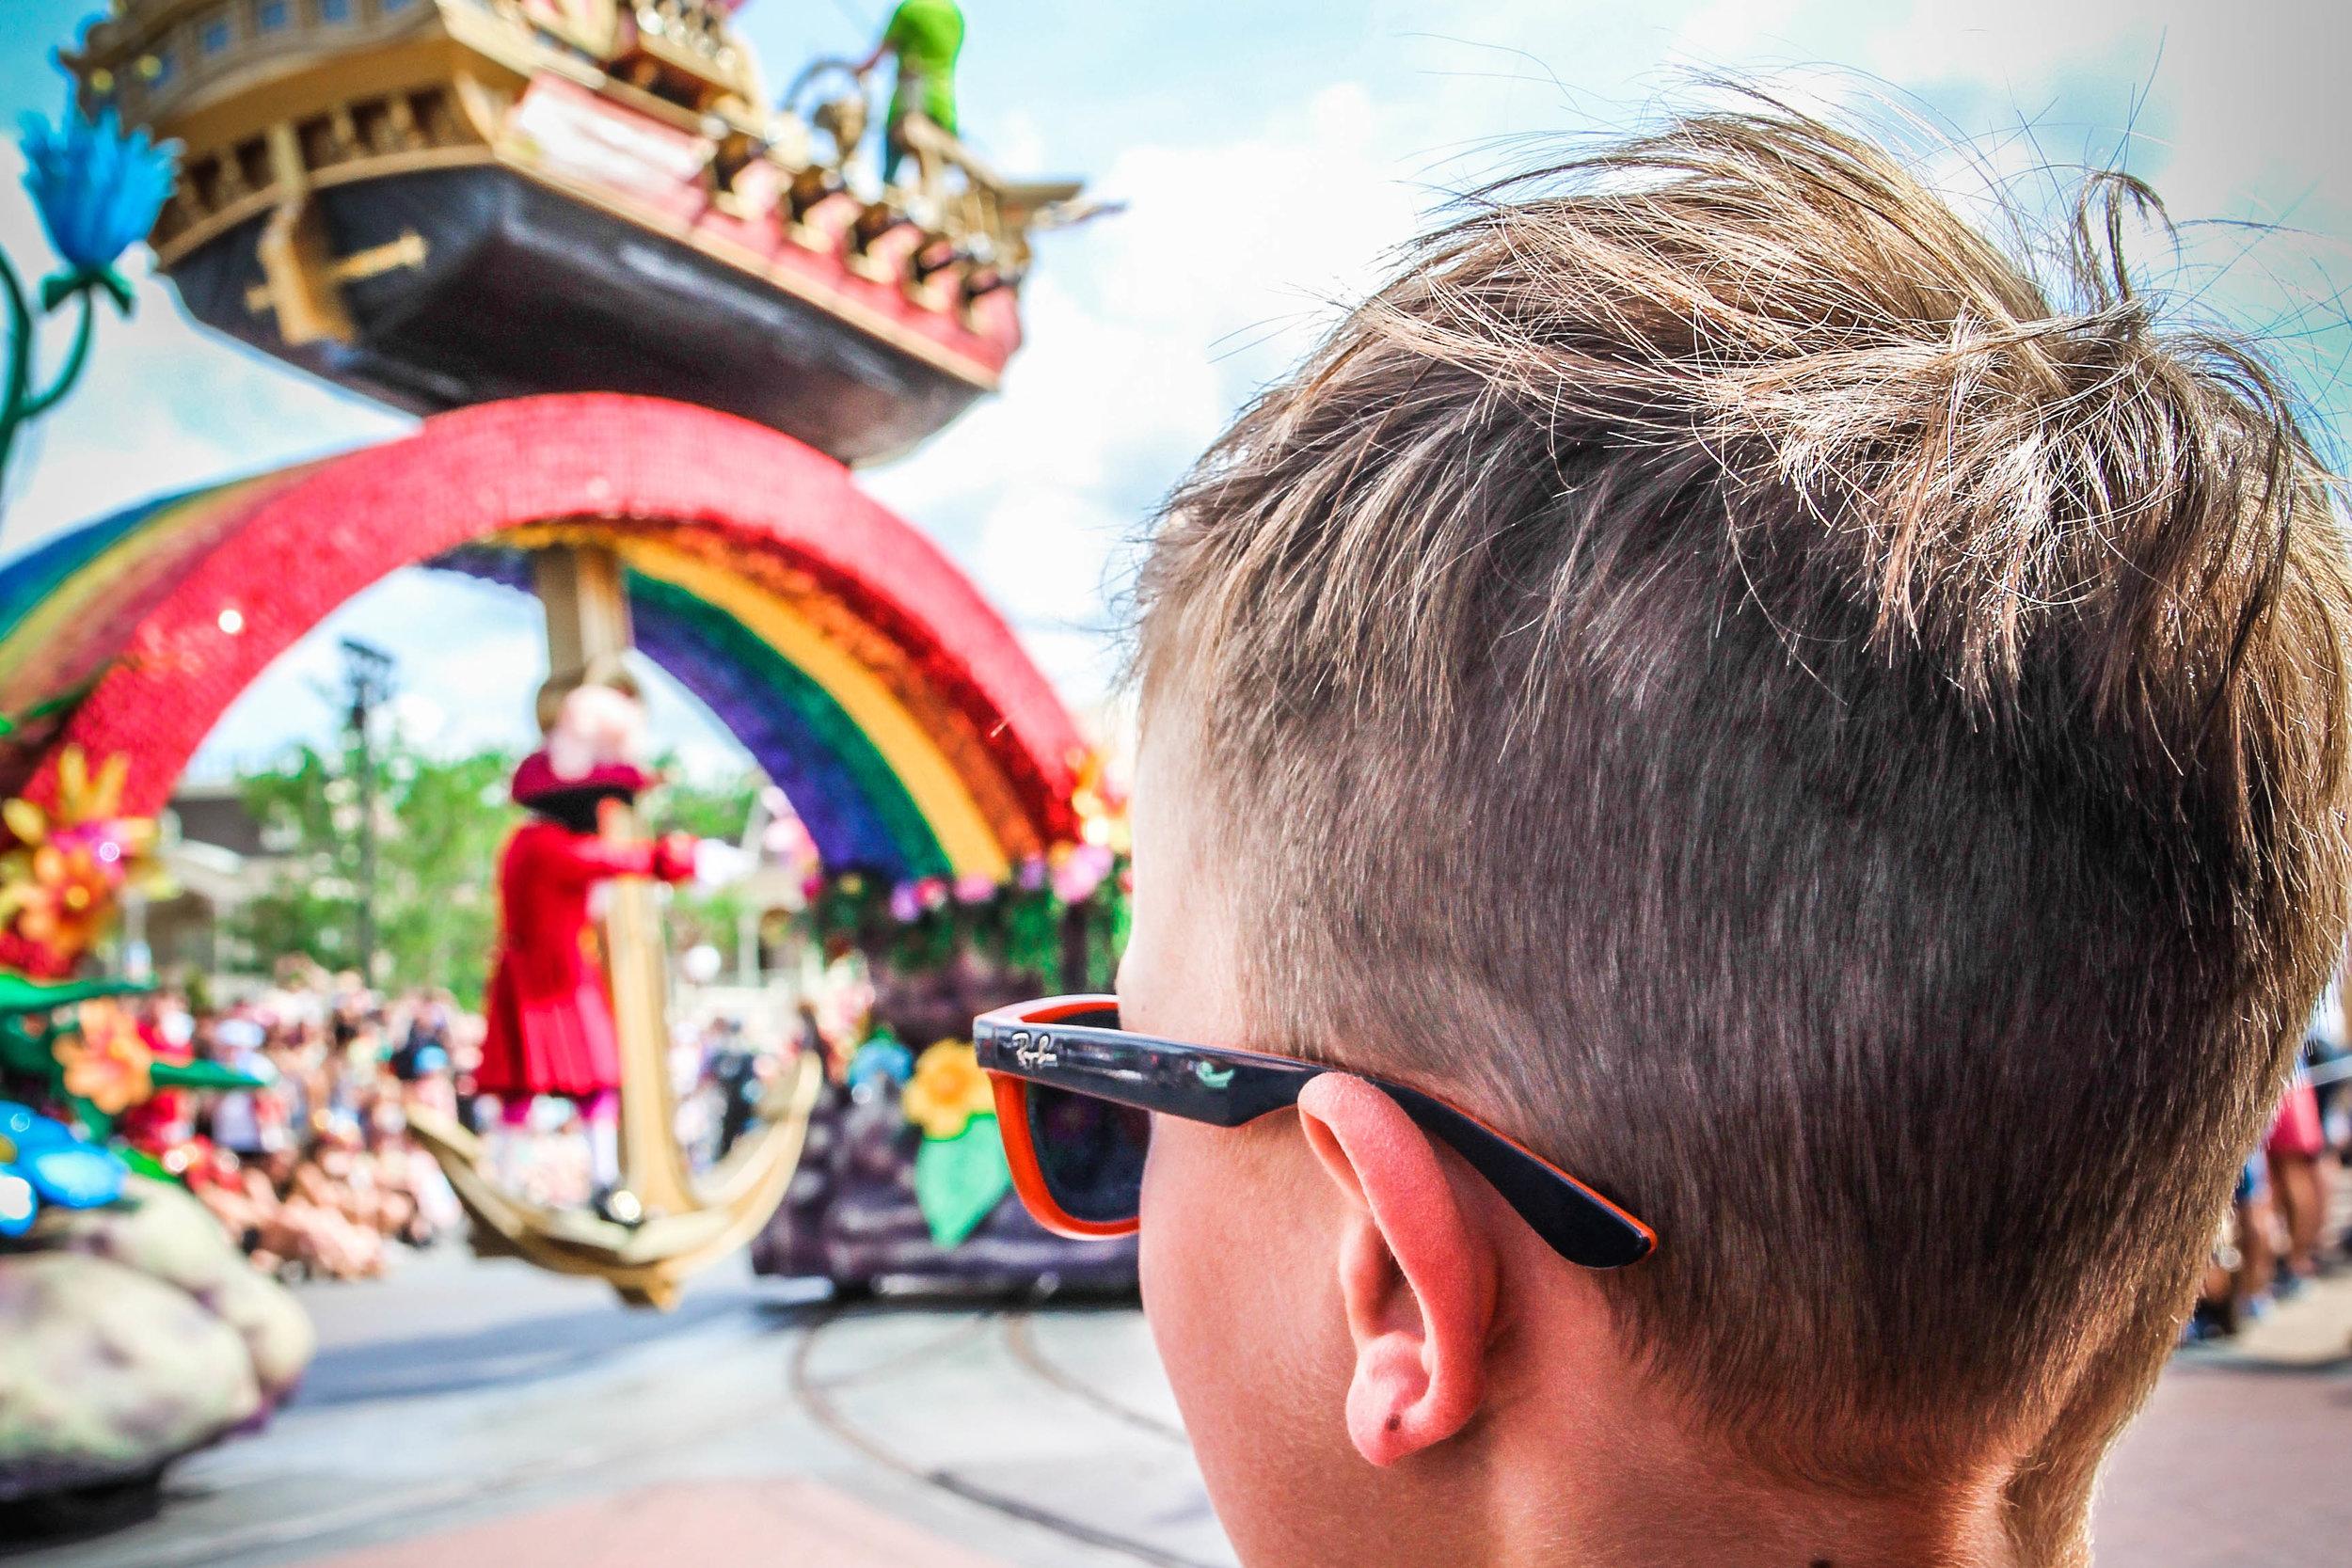 Disney_magical_kingdom_orlando_reizen_met_kinderen-35.jpg